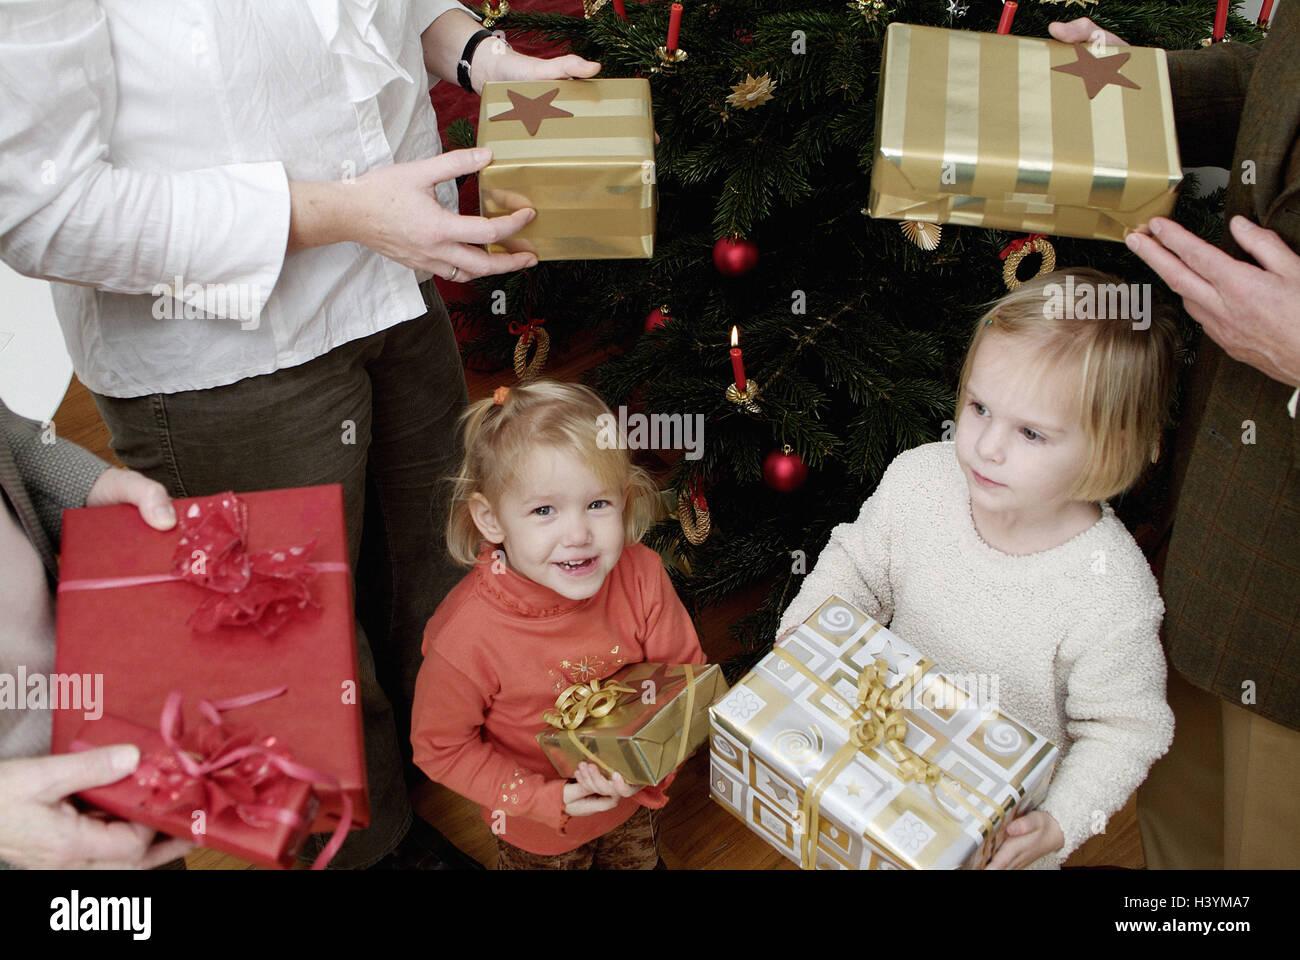 Weihnachtsbaum Familie Geschenke Halten Detail Eltern